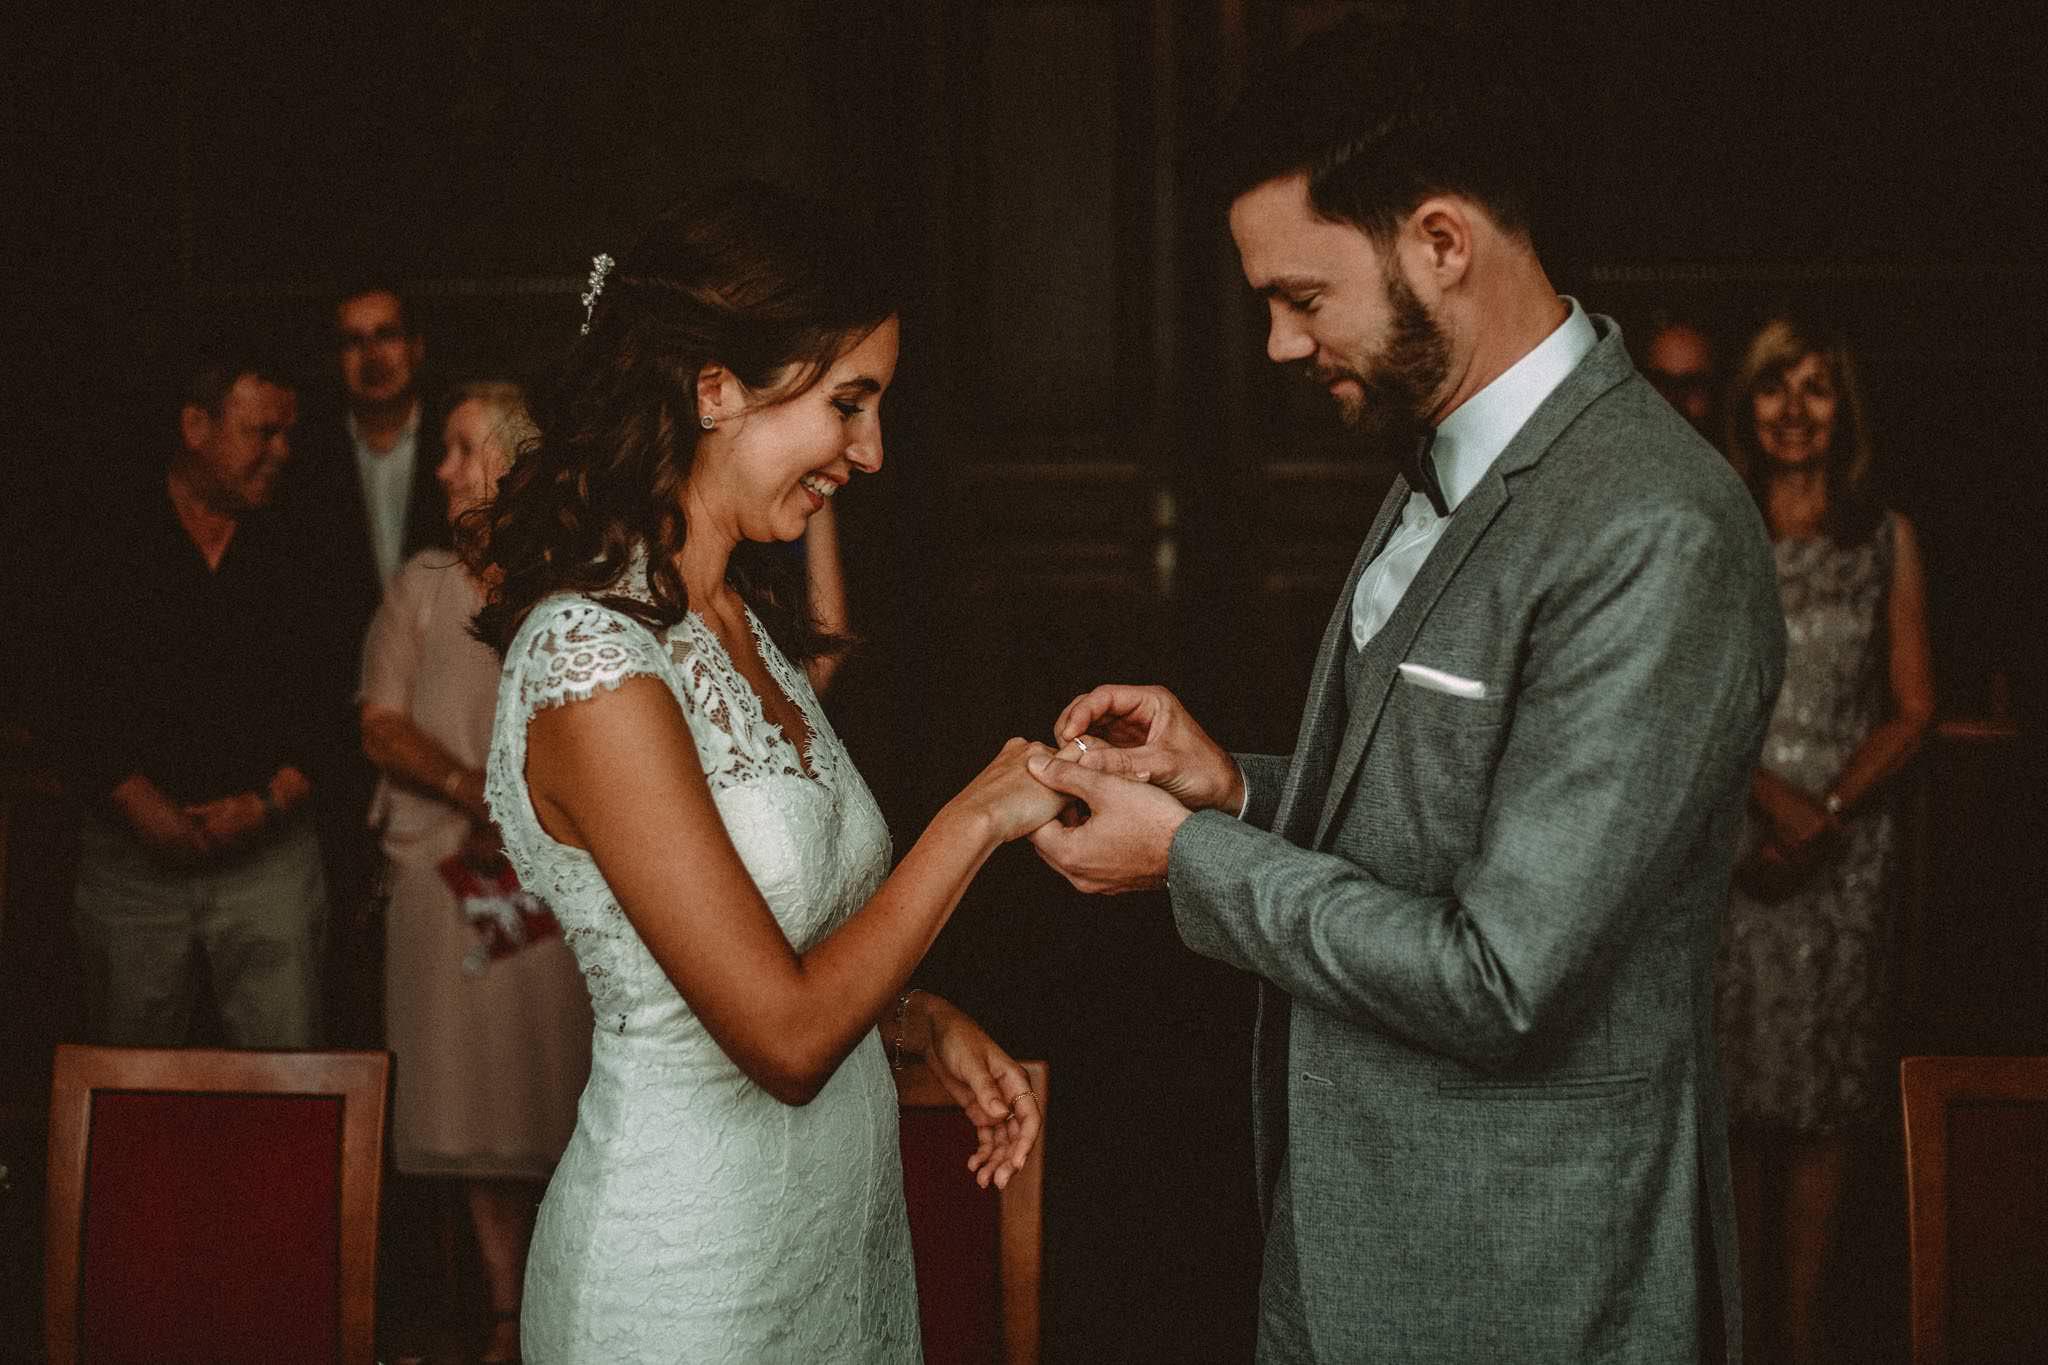 Hochzeit_Fabrik_23-3